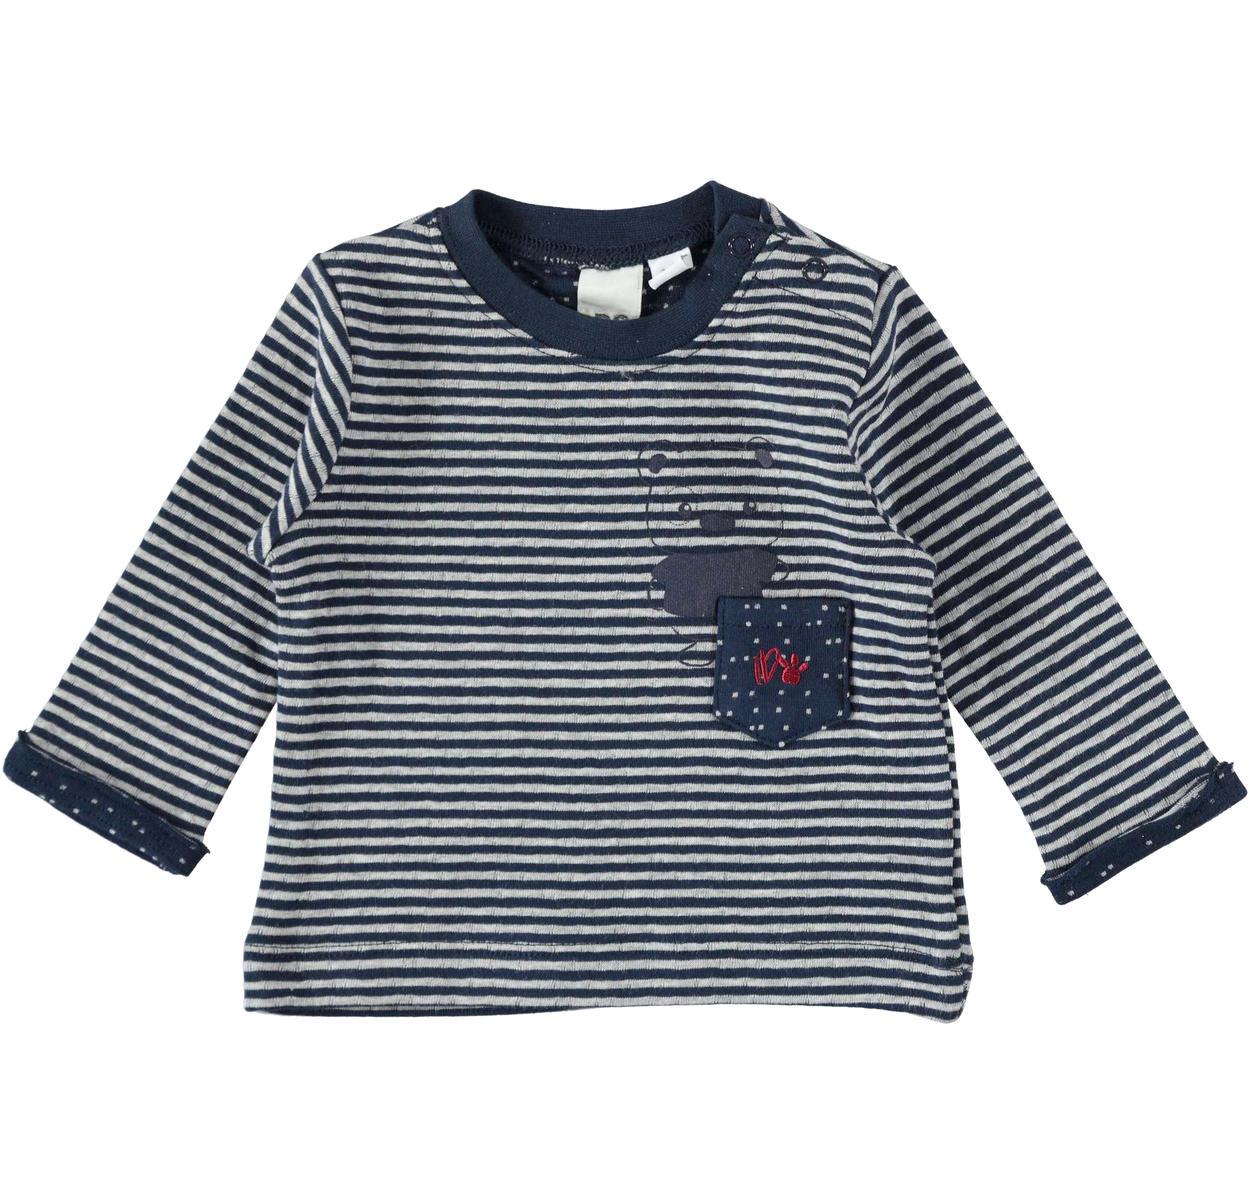 arrives df8dc 2b0ef Maglietta 100% cotone con taschino in tessuto a rovescio per neonato da 0 a  18 mesi iDO